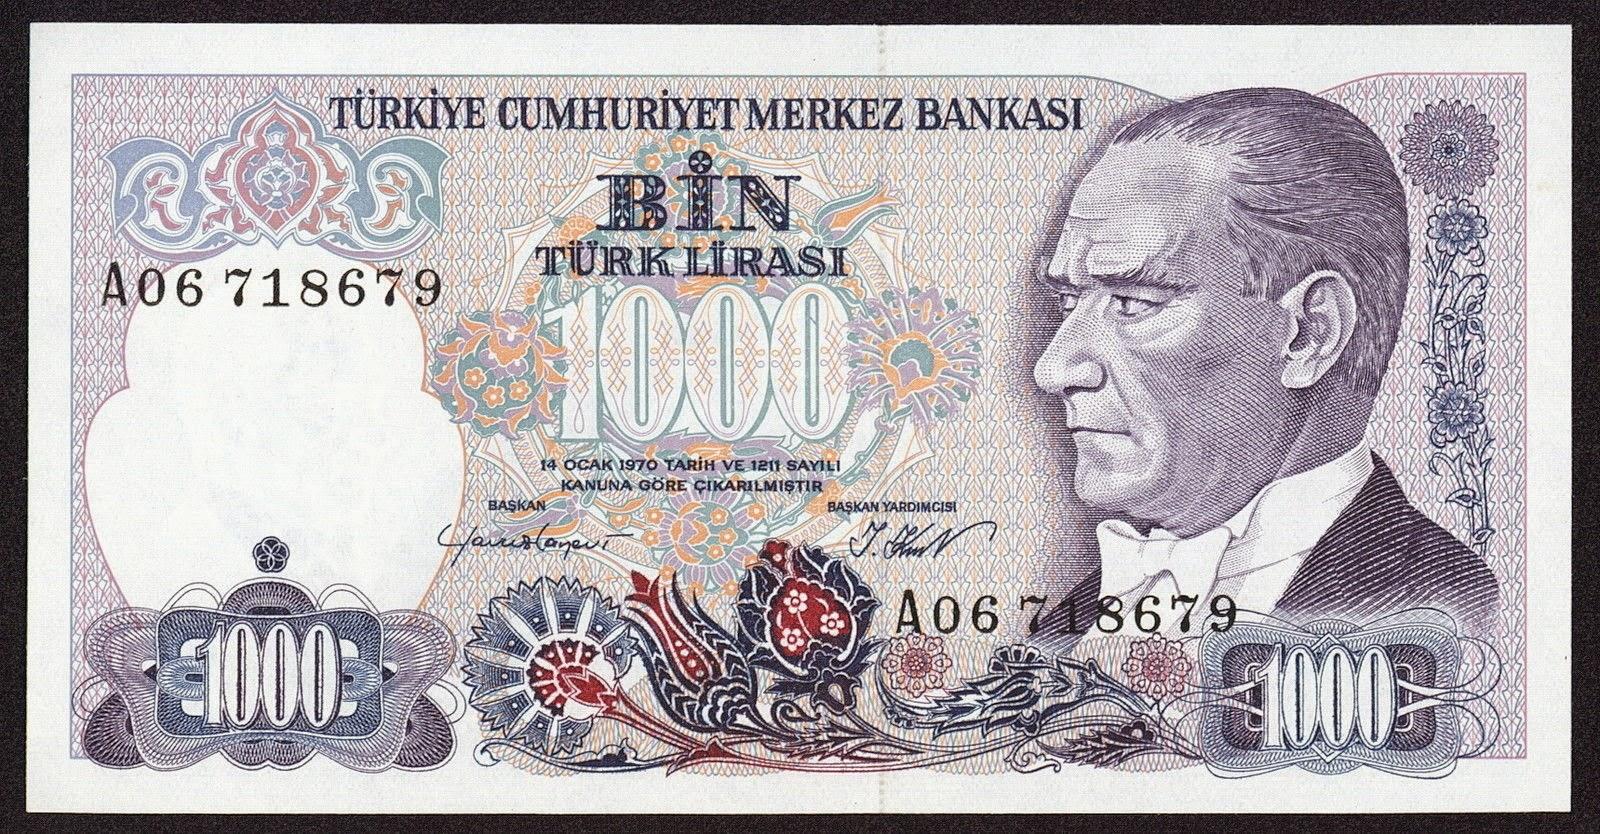 """Turkey Banknotes 1000 Turkish Lira """"Türk Lirasi"""" note 1988 Mustafa Kemal Atatürk"""